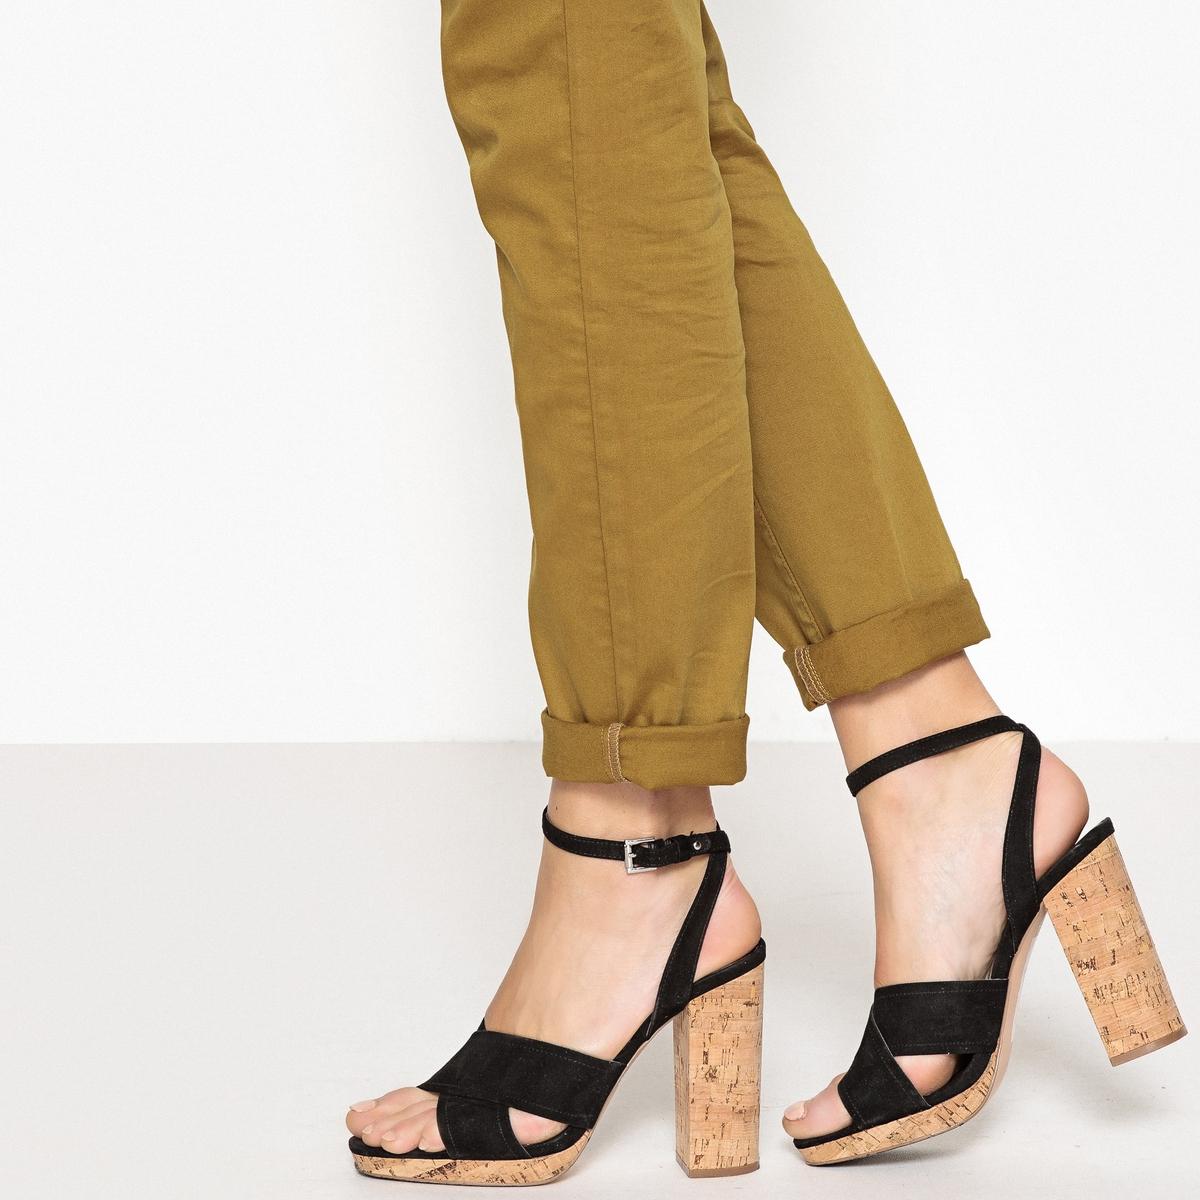 Zapatos de piel con tacón, corcho